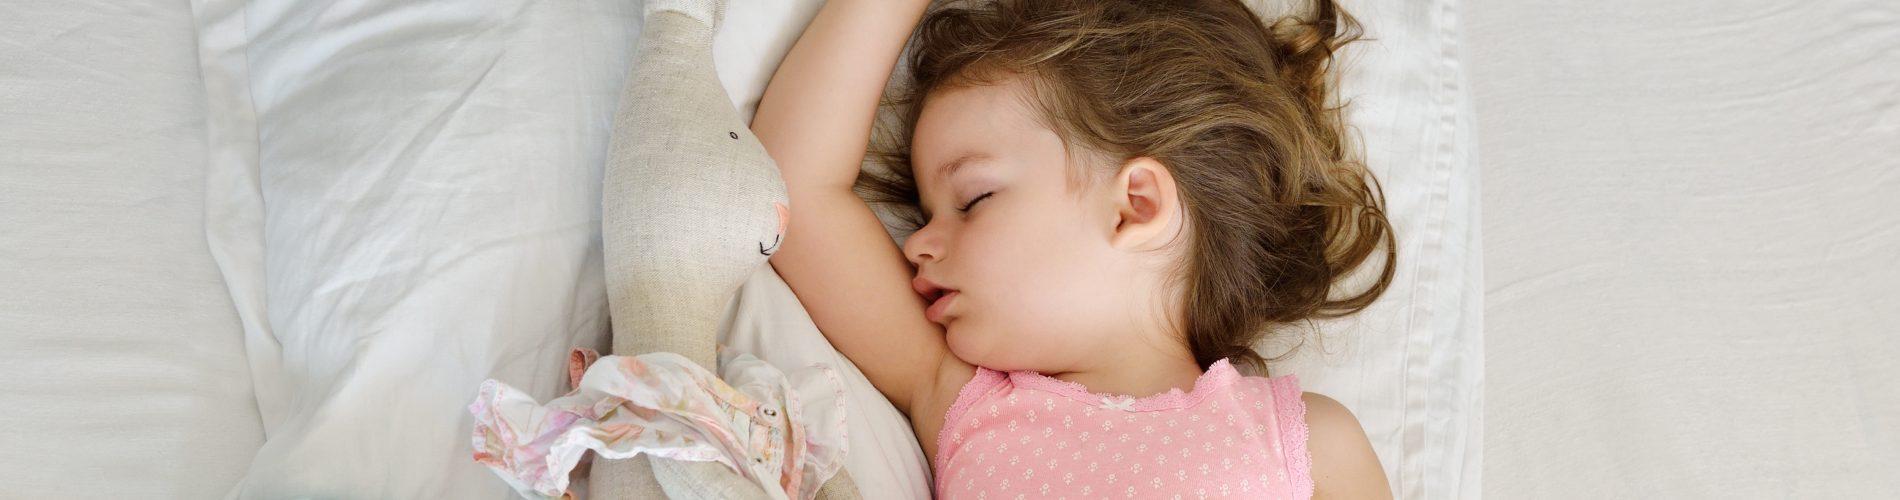 little girl sleeping with stuffed rabbit - Learn Eat Sleep